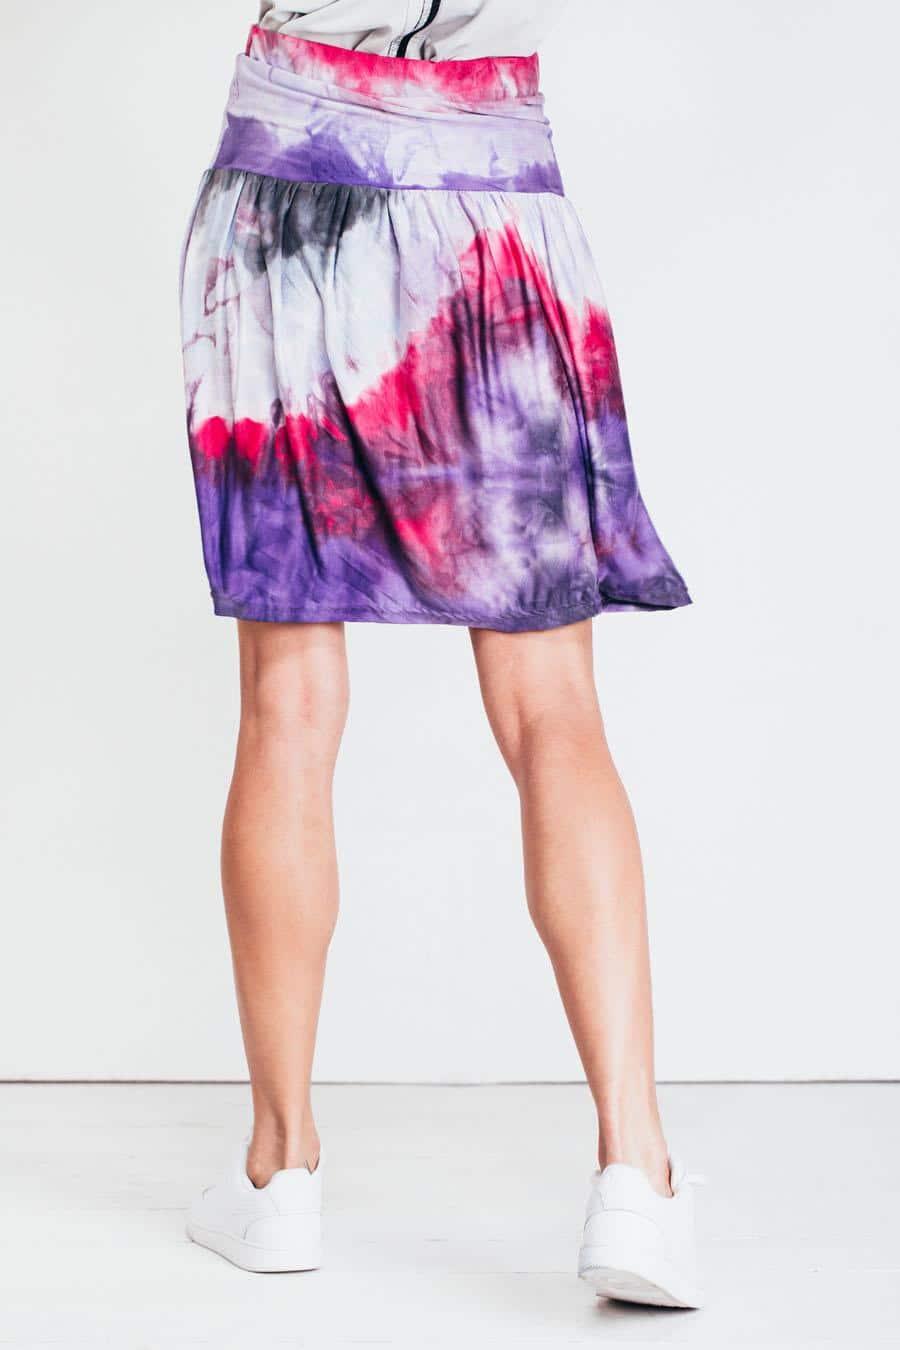 jagger zenska suknja kolekcija prolece leto 2021 ss 2021 kupi online jg 5510 16 5